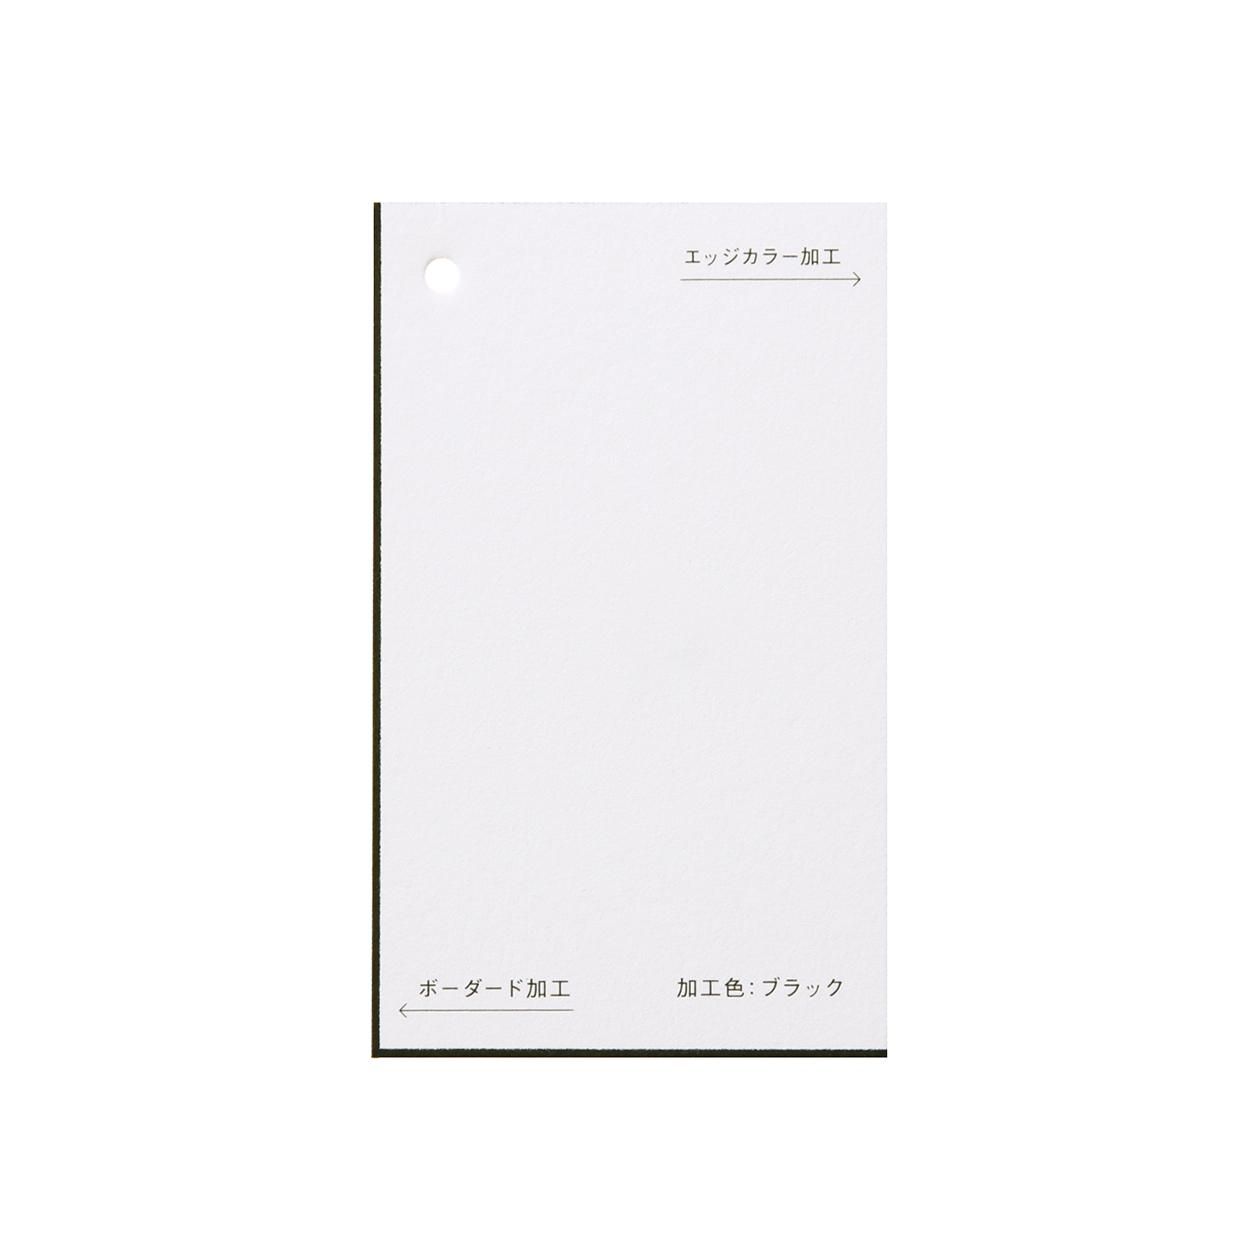 加工色見本 00163ボーダード・エッジカラー ブラックスノーホワイト 348.8g